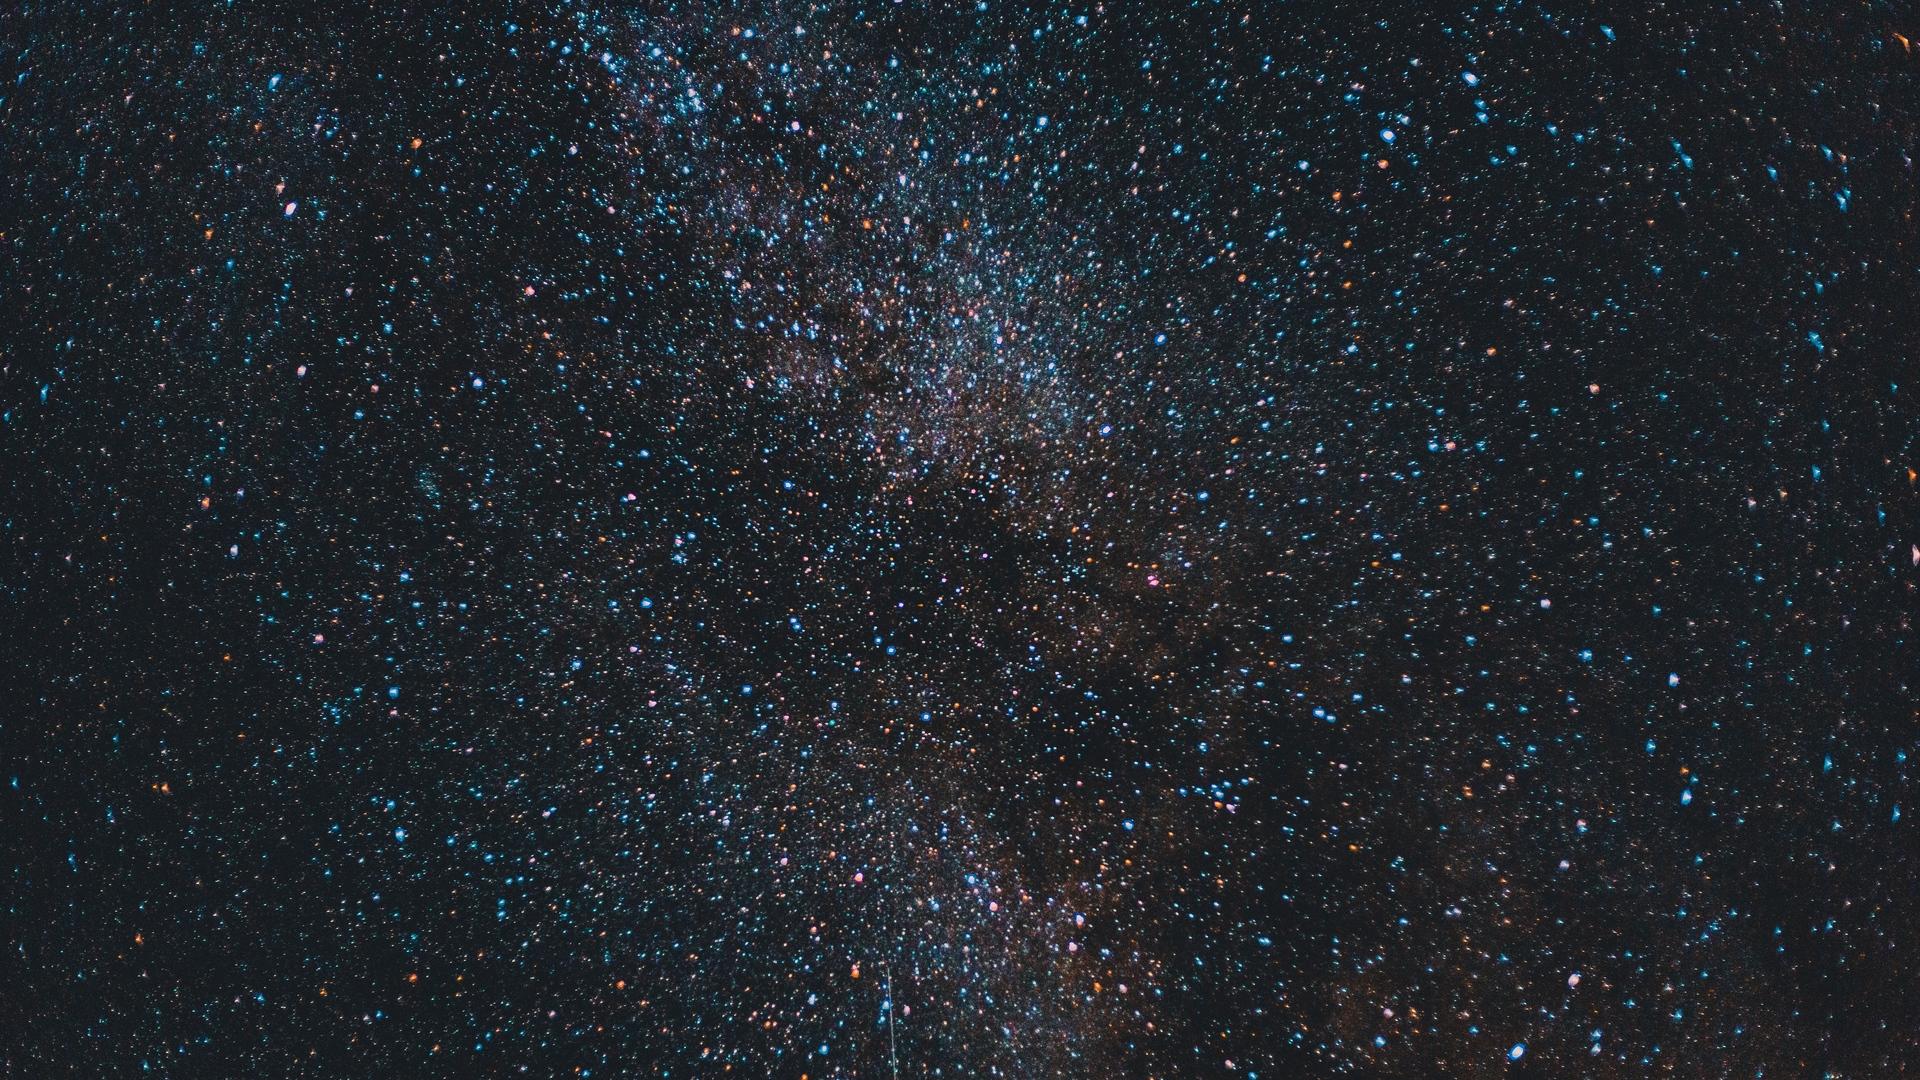 Download wallpaper 1920x1080 stars, space, galaxy full hd